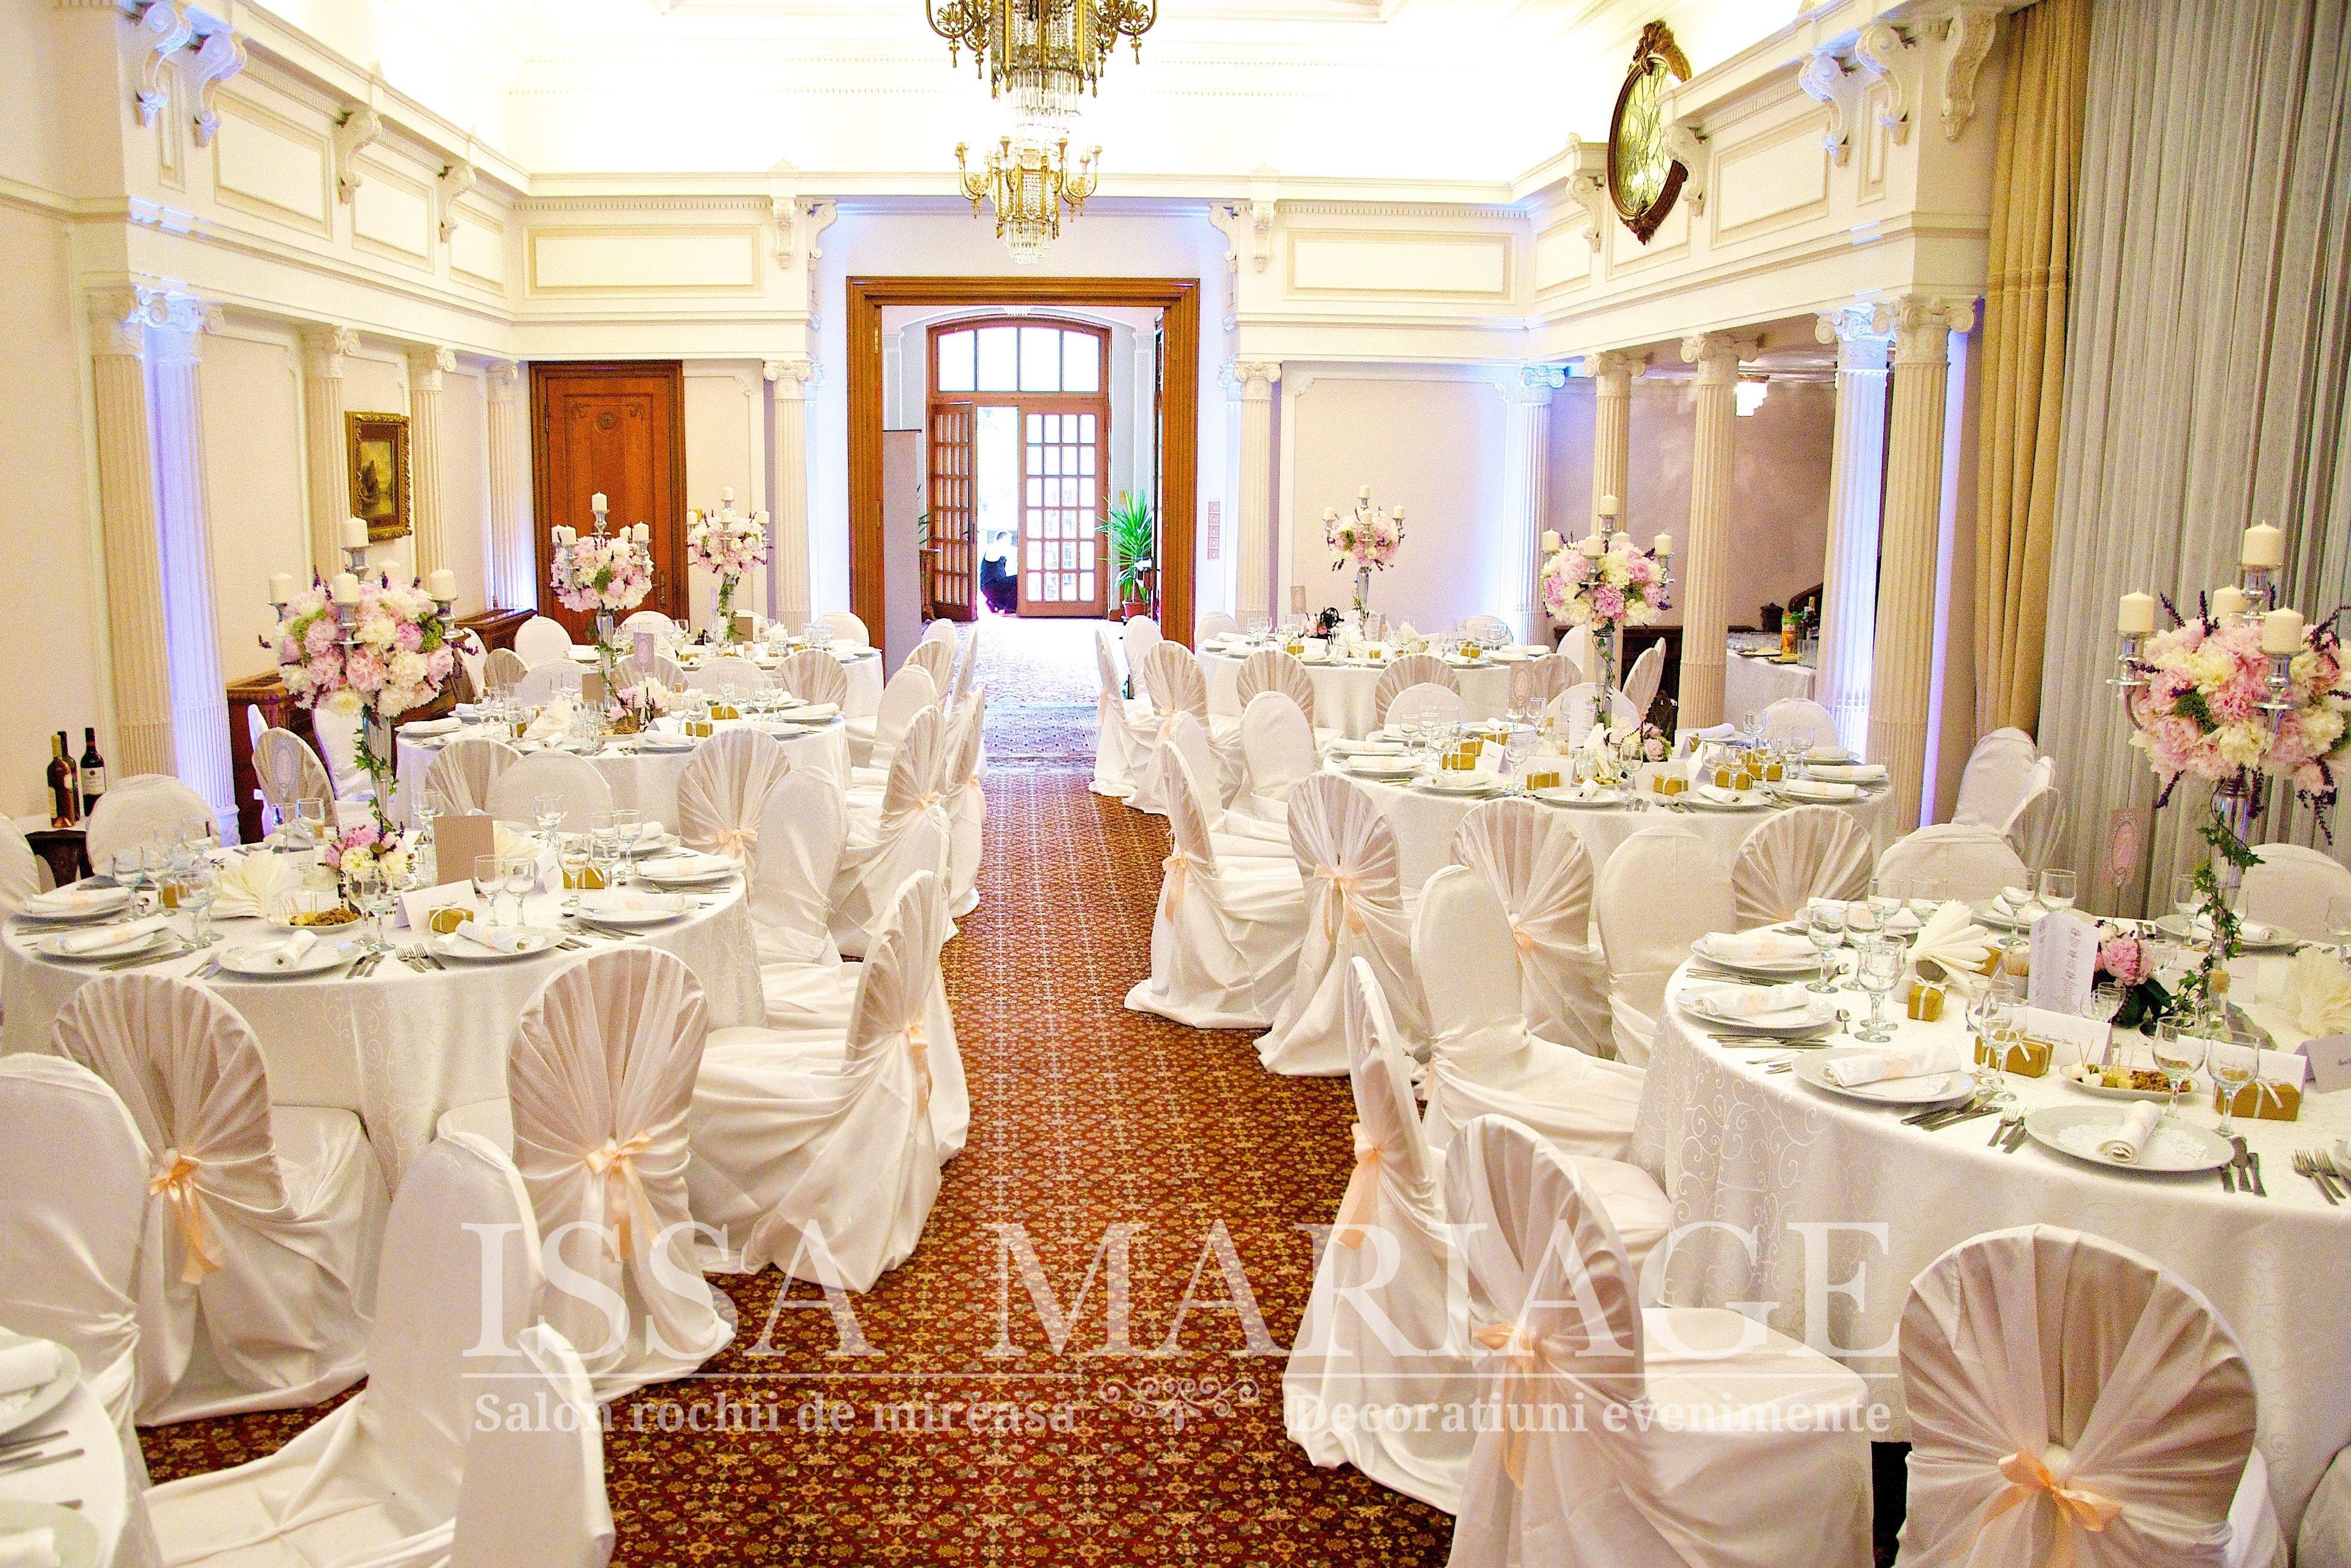 Decoratiuni Sala Nunta Si Aranjamente Florale Decoratiuni Nunta